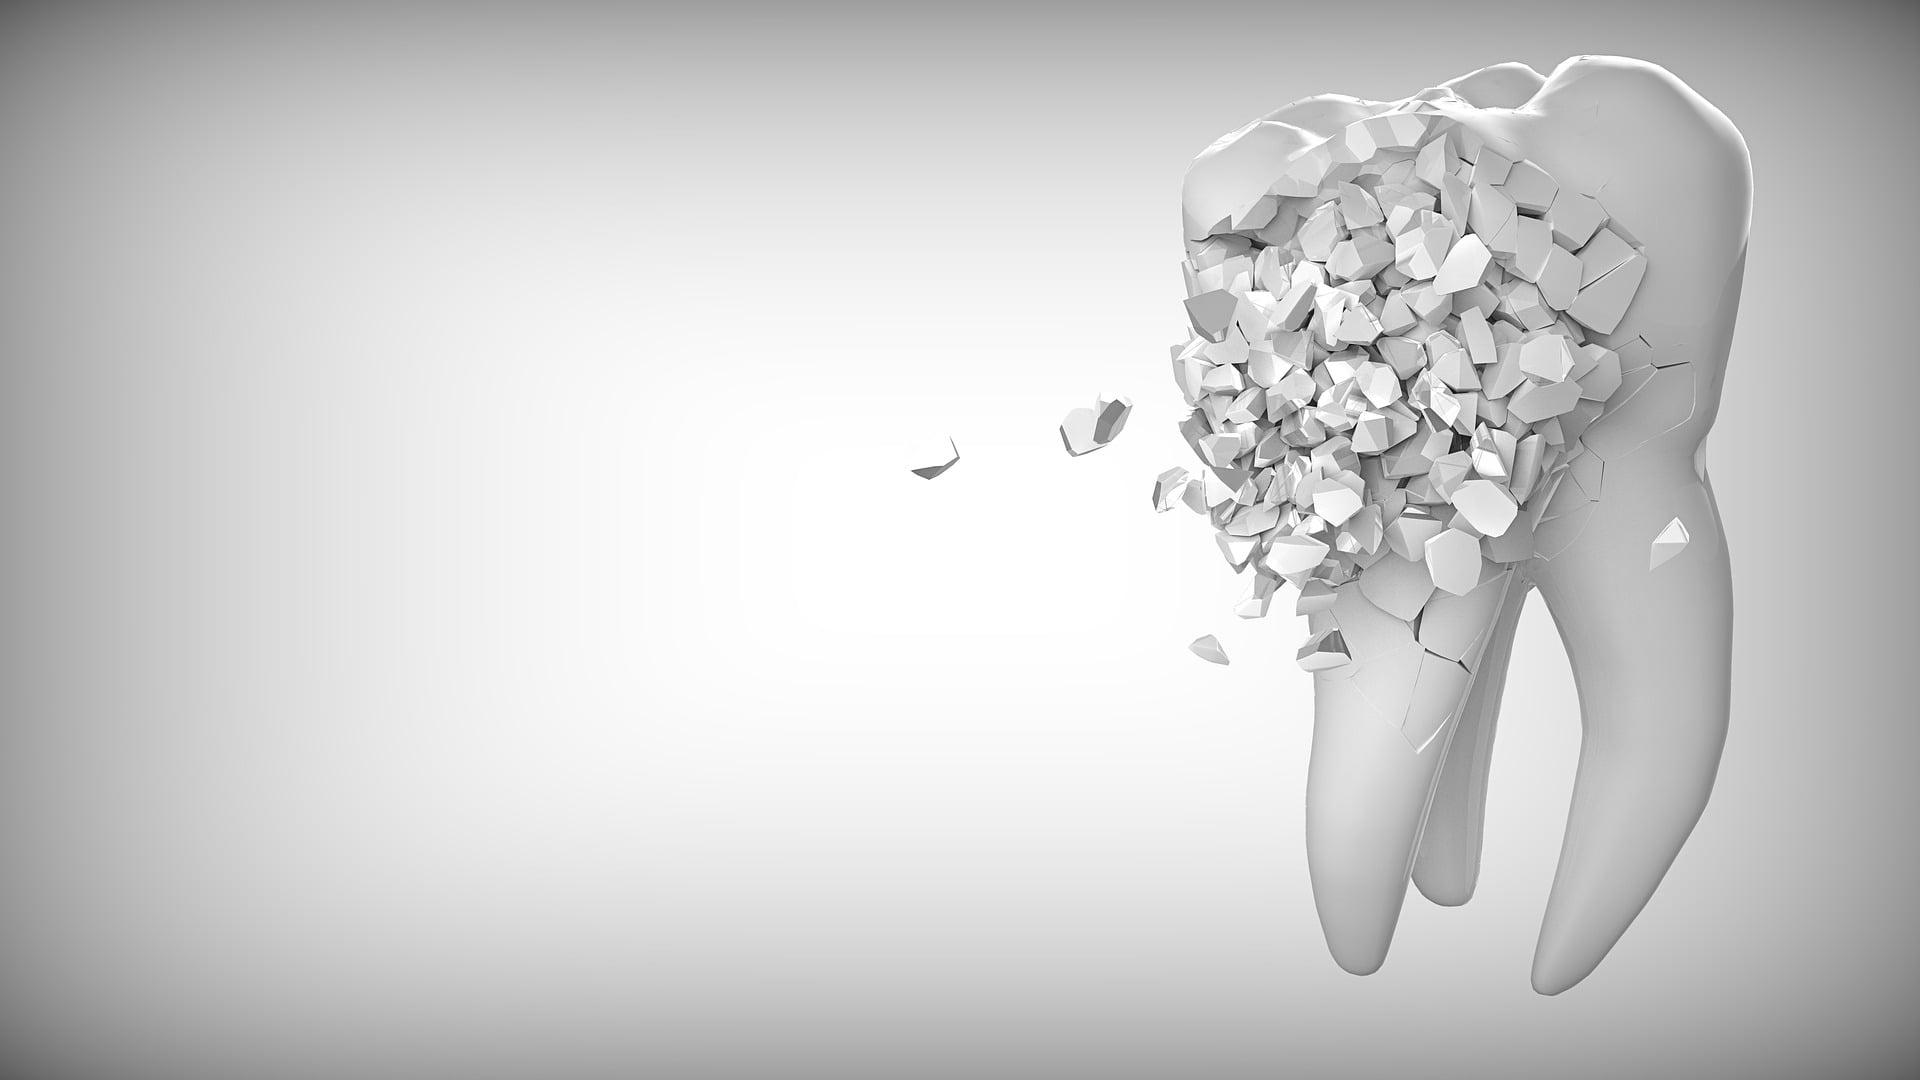 Próchnica zębów — co powinieneś wiedzieć o próchnicy